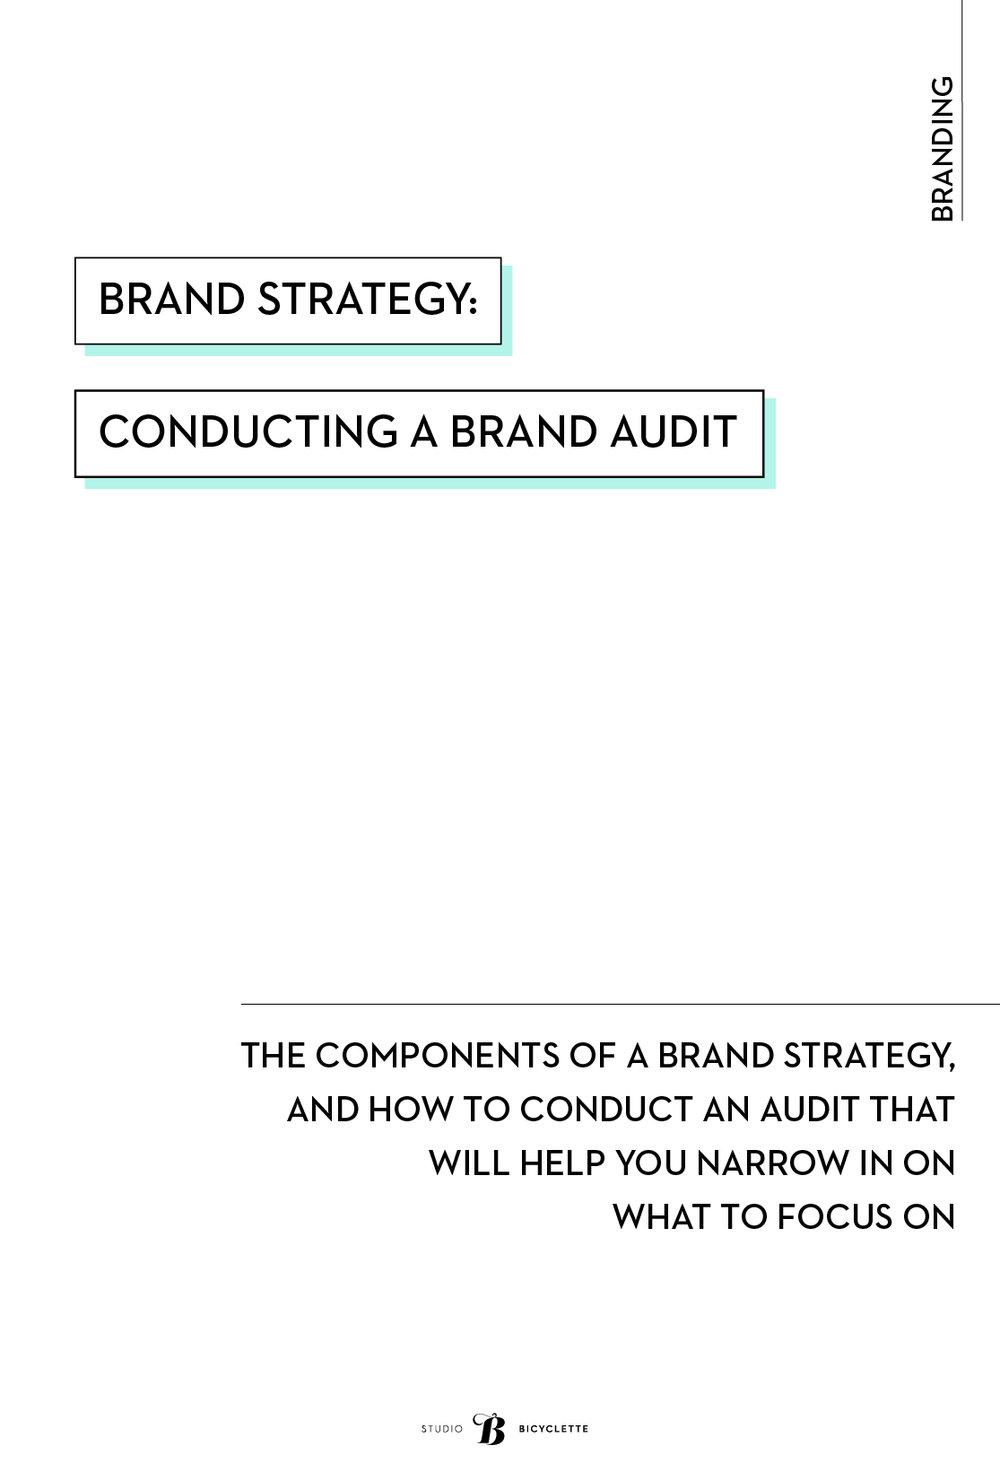 BrandStrategy_BrandAudit.jpg